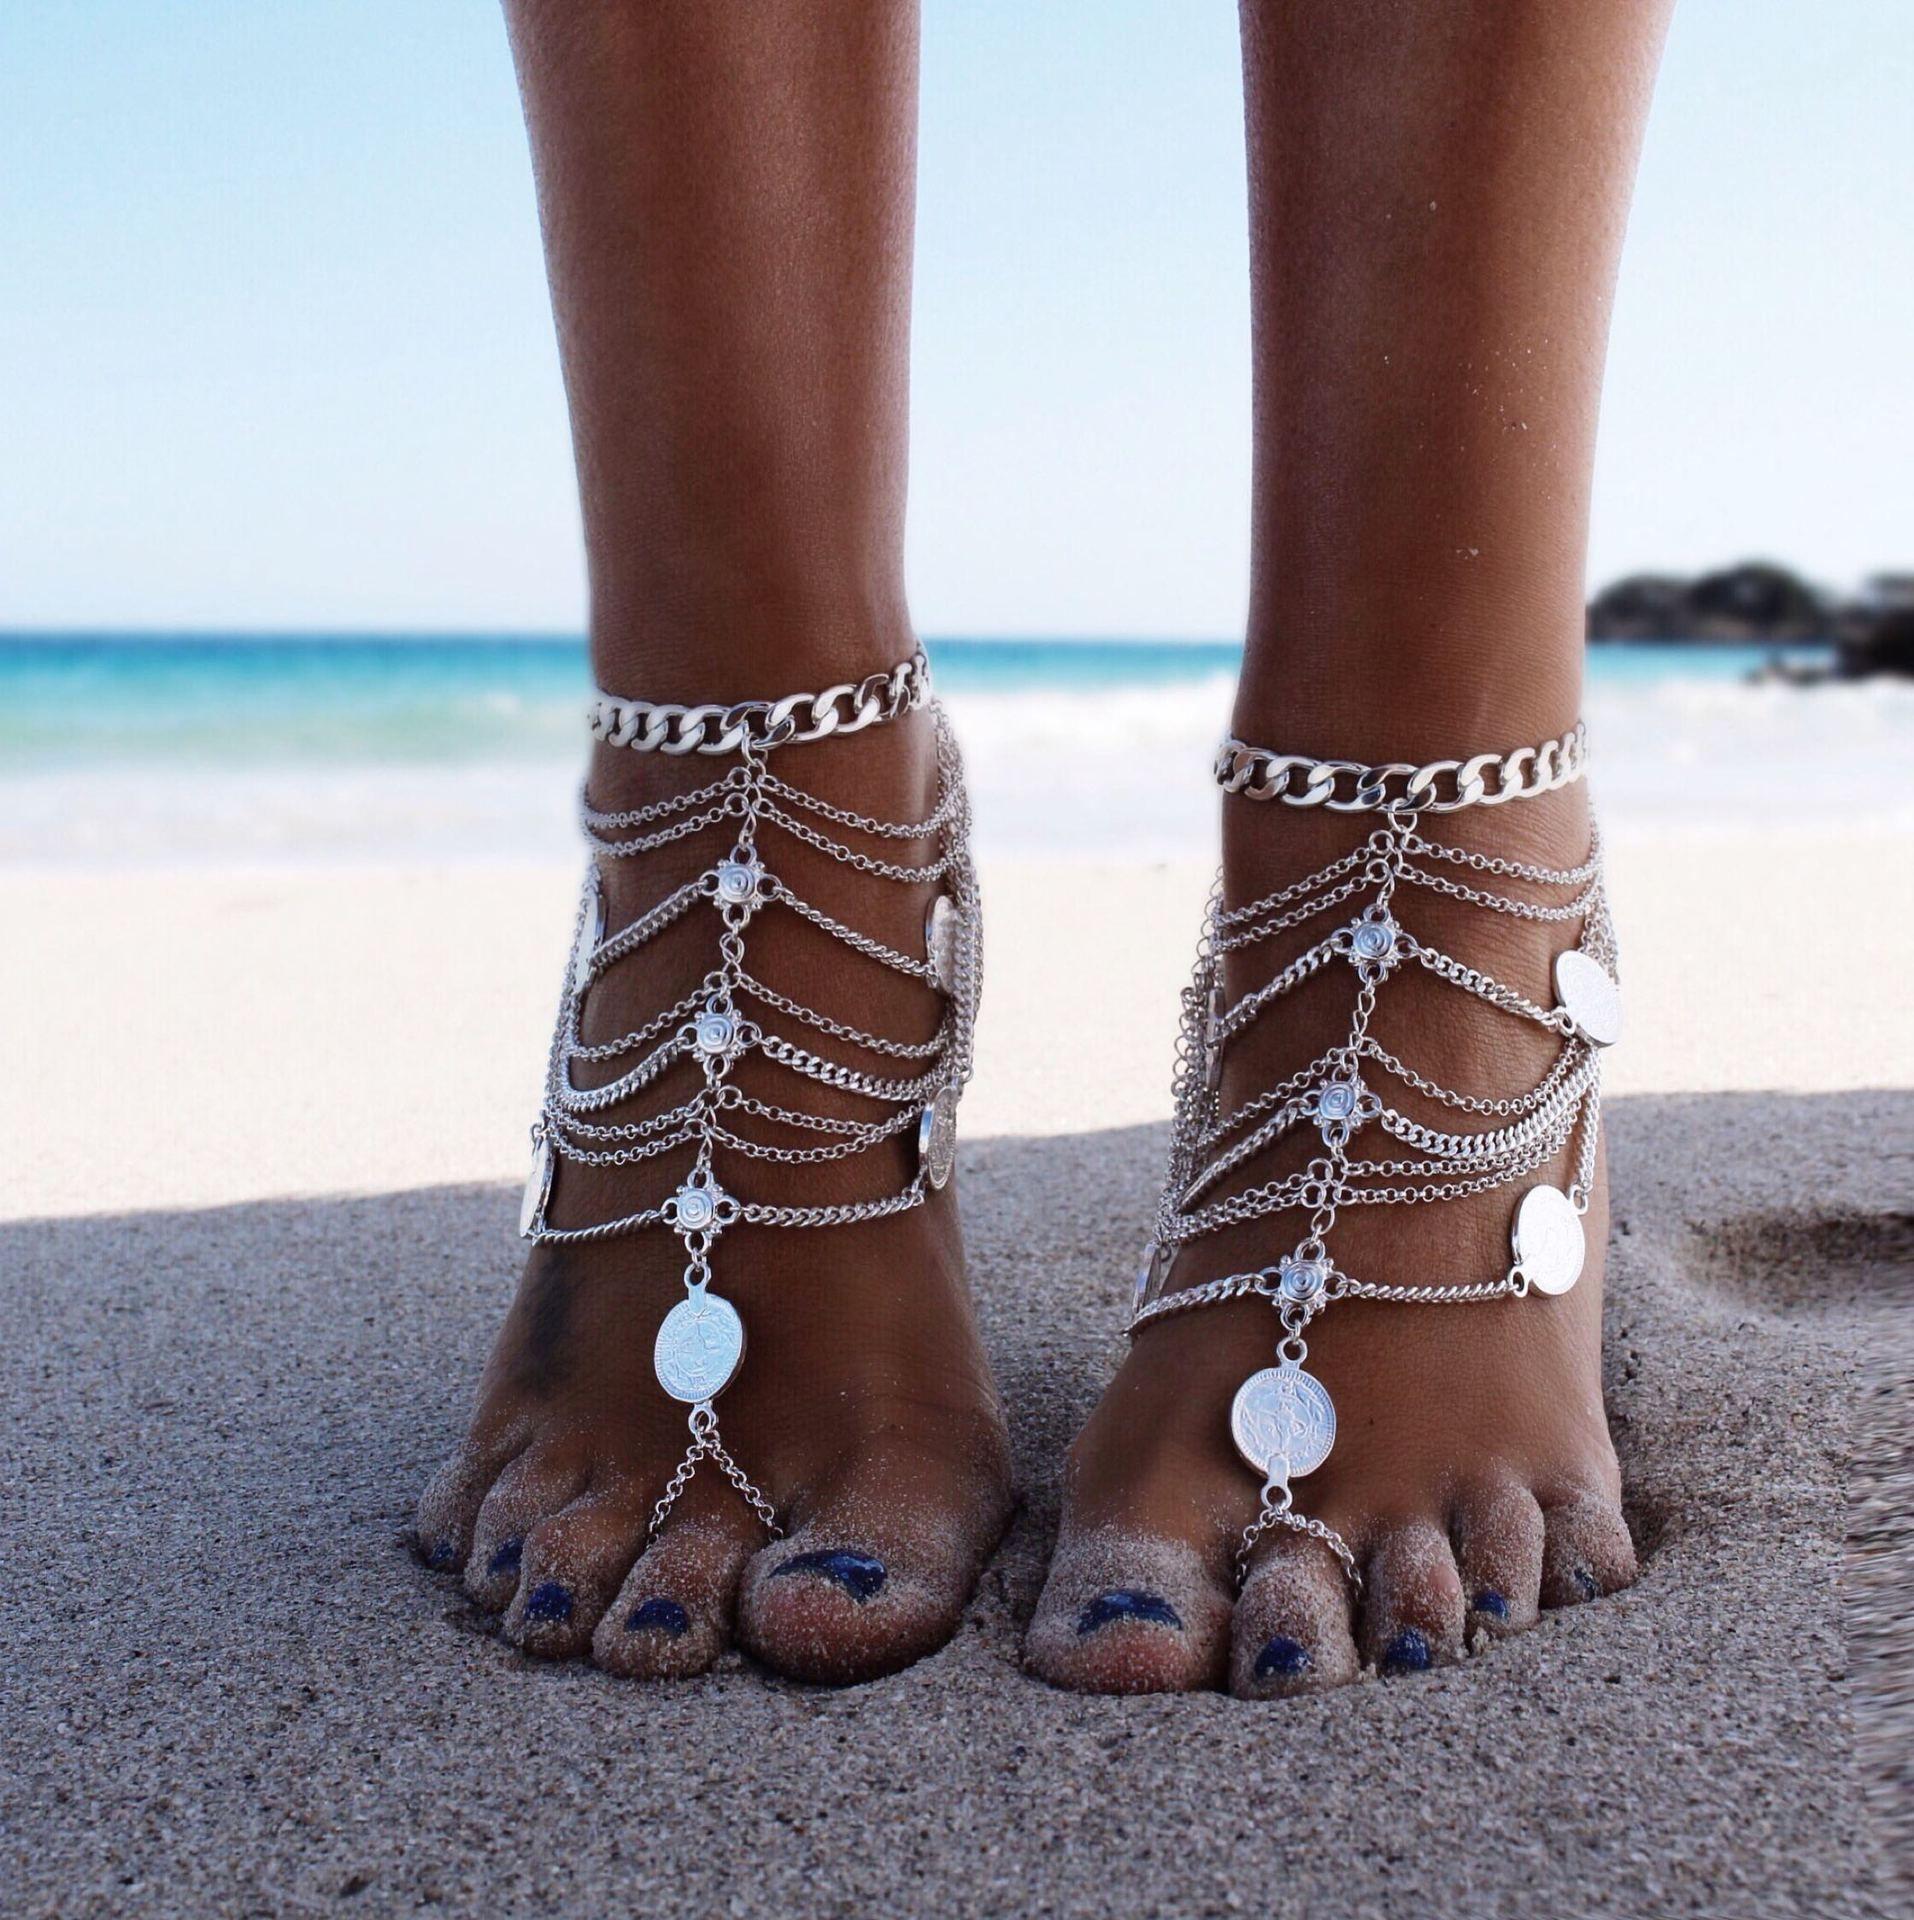 Multilayer Tassel Anklet Bohemian Charm Sea Bracelets Foot Jewelry for Women Girls